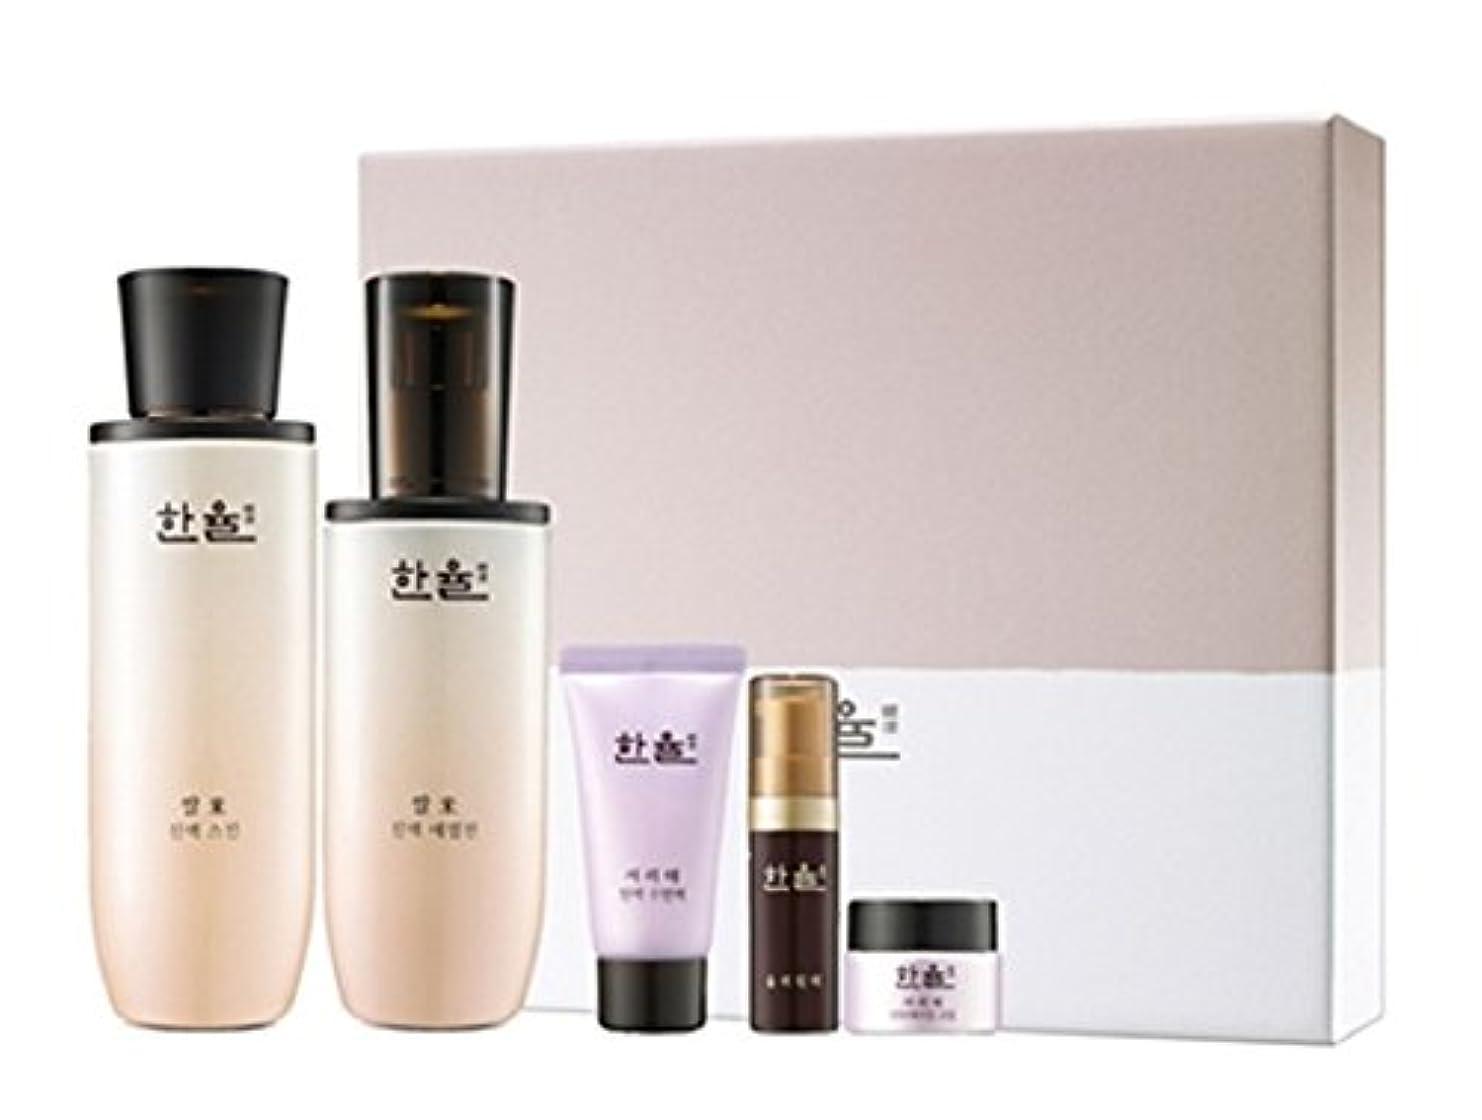 カールプラットフォーム雄弁家(ハンユル) HANYUL 韓律 ライス(米) 津液スキン 150ml&エマルジョン125ml 2点セット Rice Essential Skin Softner&Emulsion 海外直送品